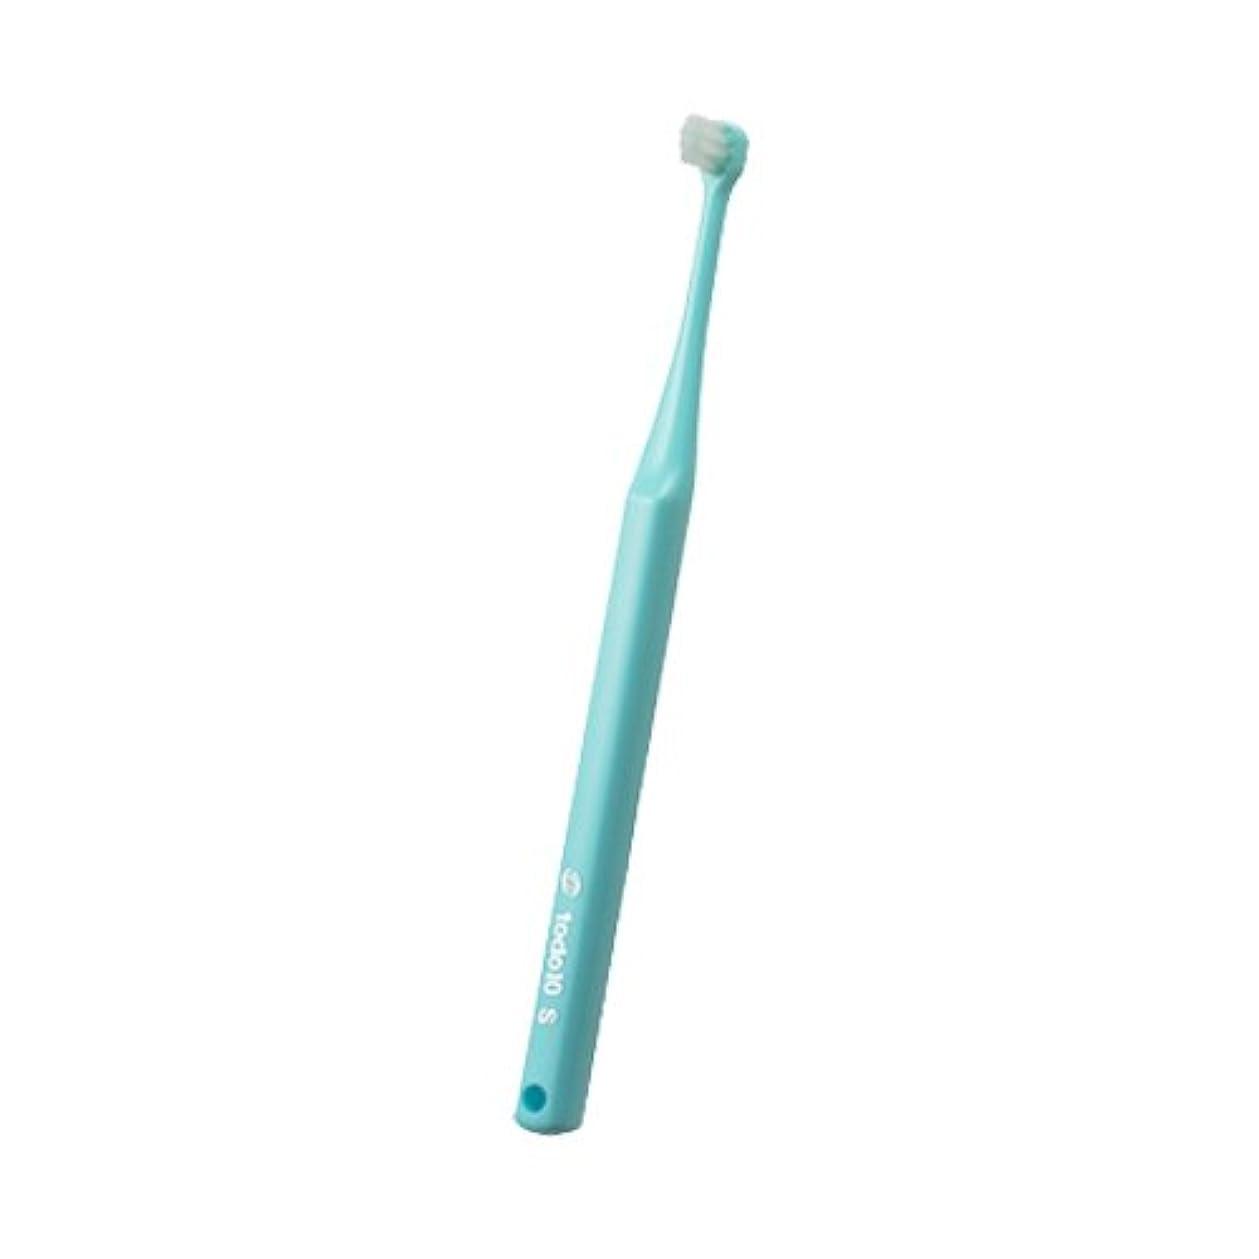 の面では競争力のある首尾一貫したオーラルケア todo10 トゥードゥー ? テン 歯ブラシ 1本 ブルー